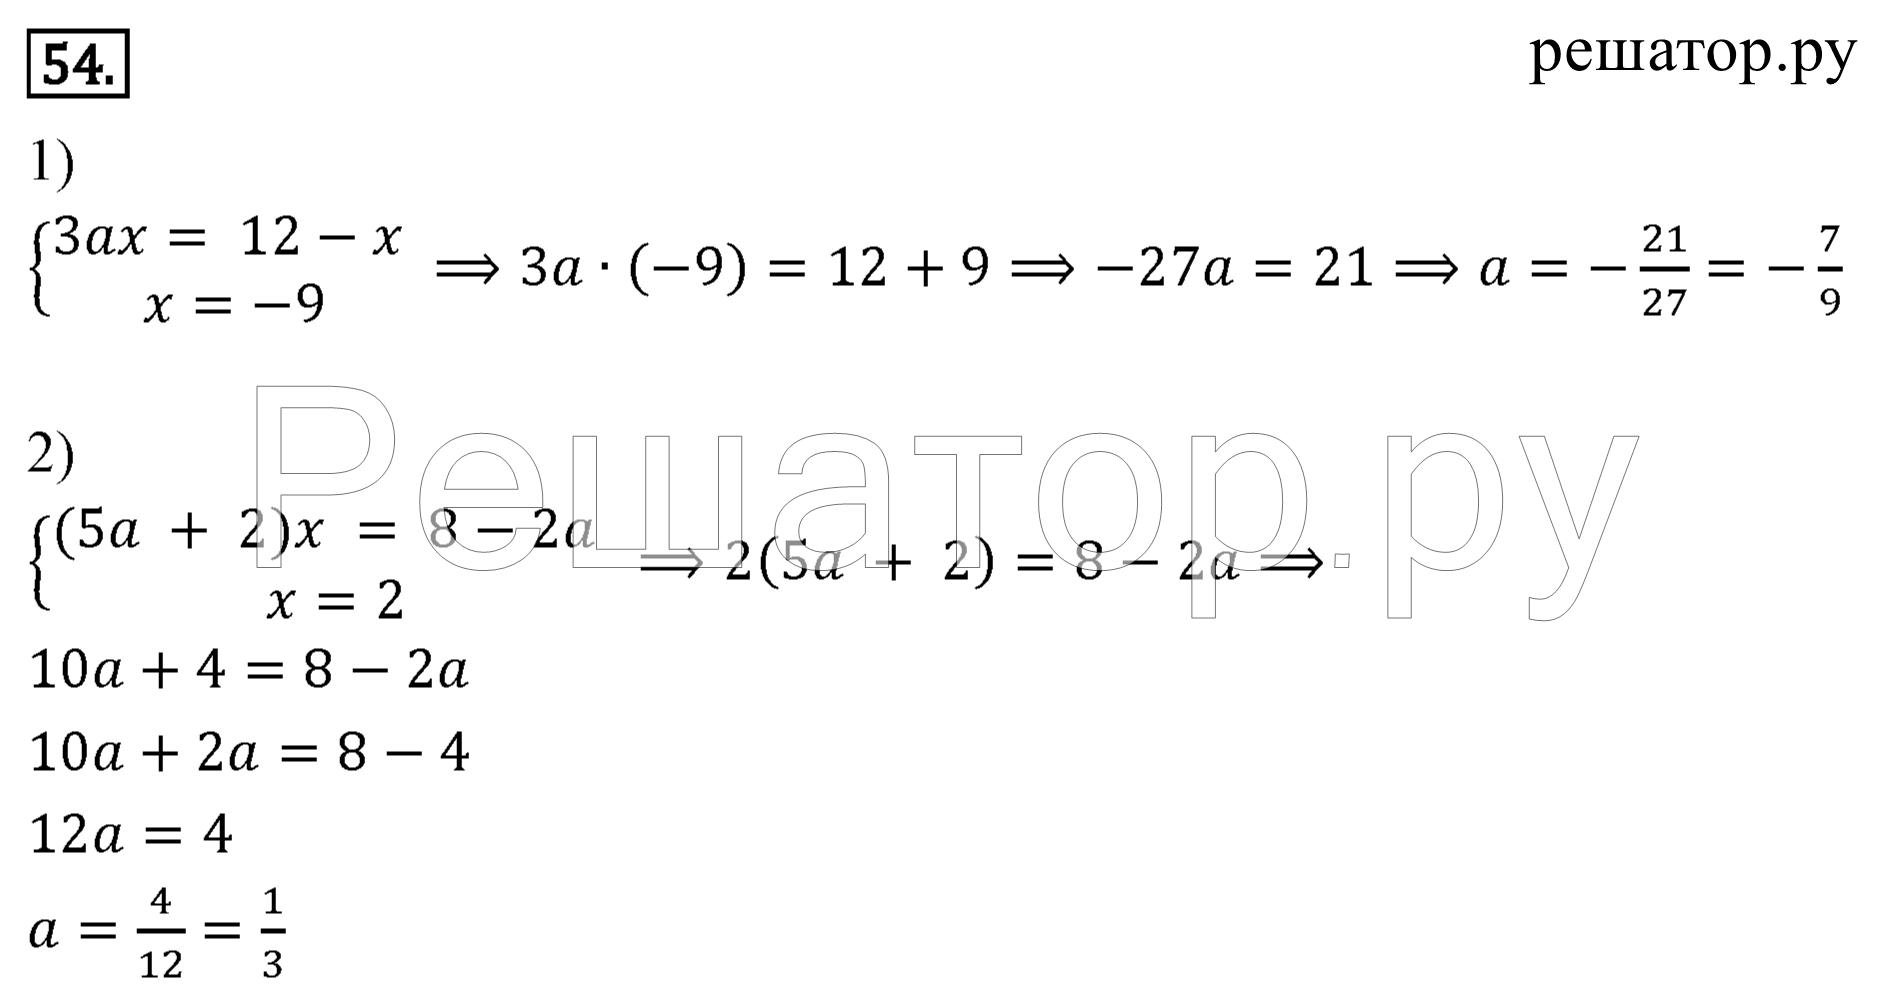 Задания в тестовой форме проверь себя 2 по алгебре 8 класс полонский мерзляк якир